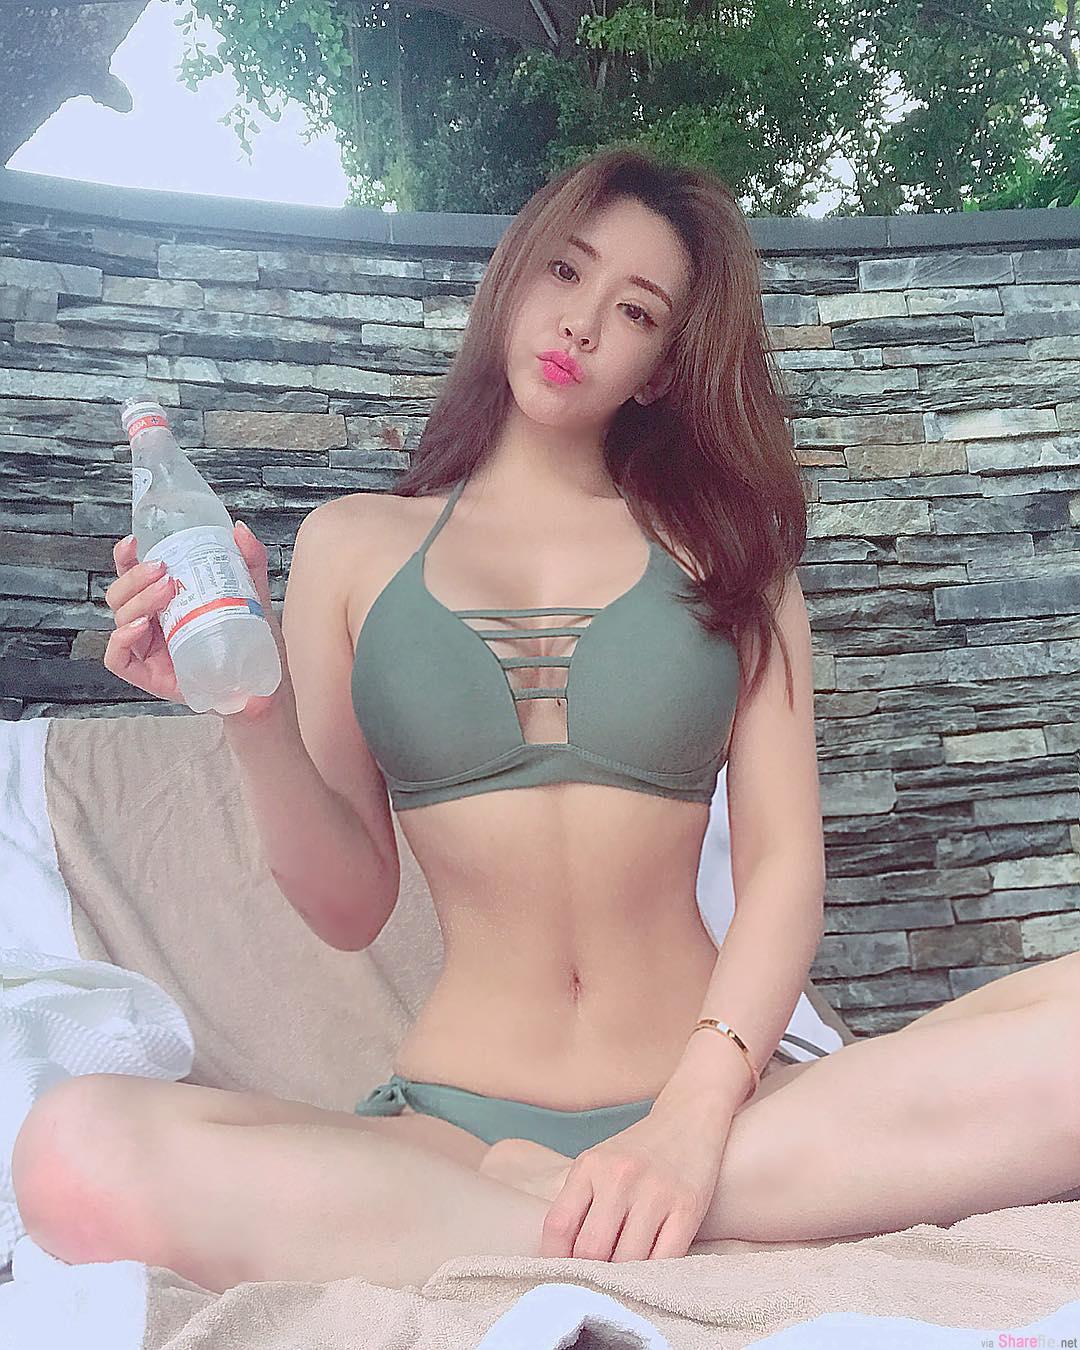 韩国正妹Jenny, 超正身材「兇勐S曲线」!